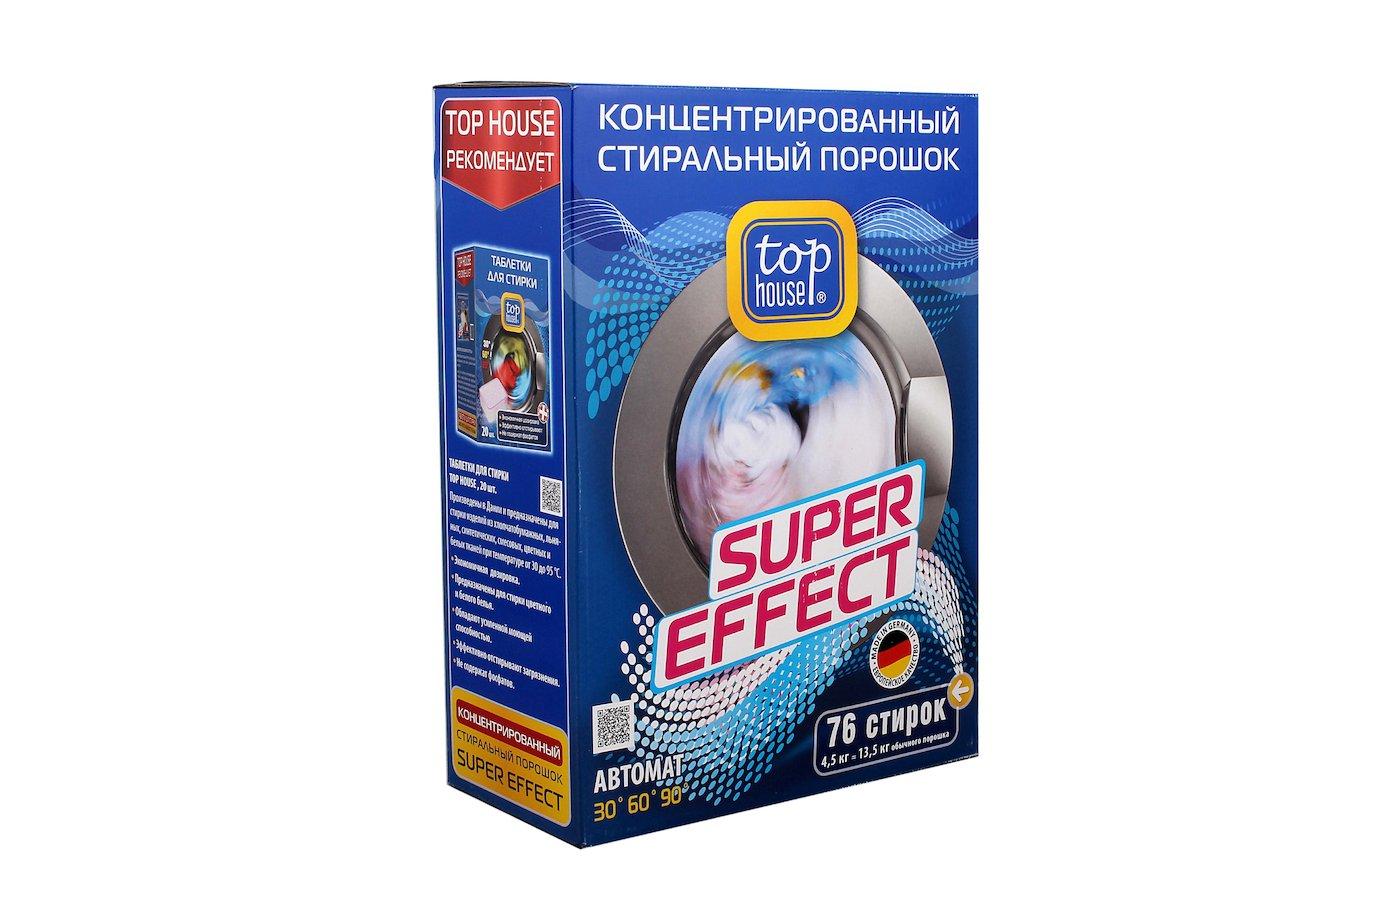 Средства для стирки и от накипи TOP HOUSE 804004/233899 суперэффетивный стир. порошок автомат 4.5кг